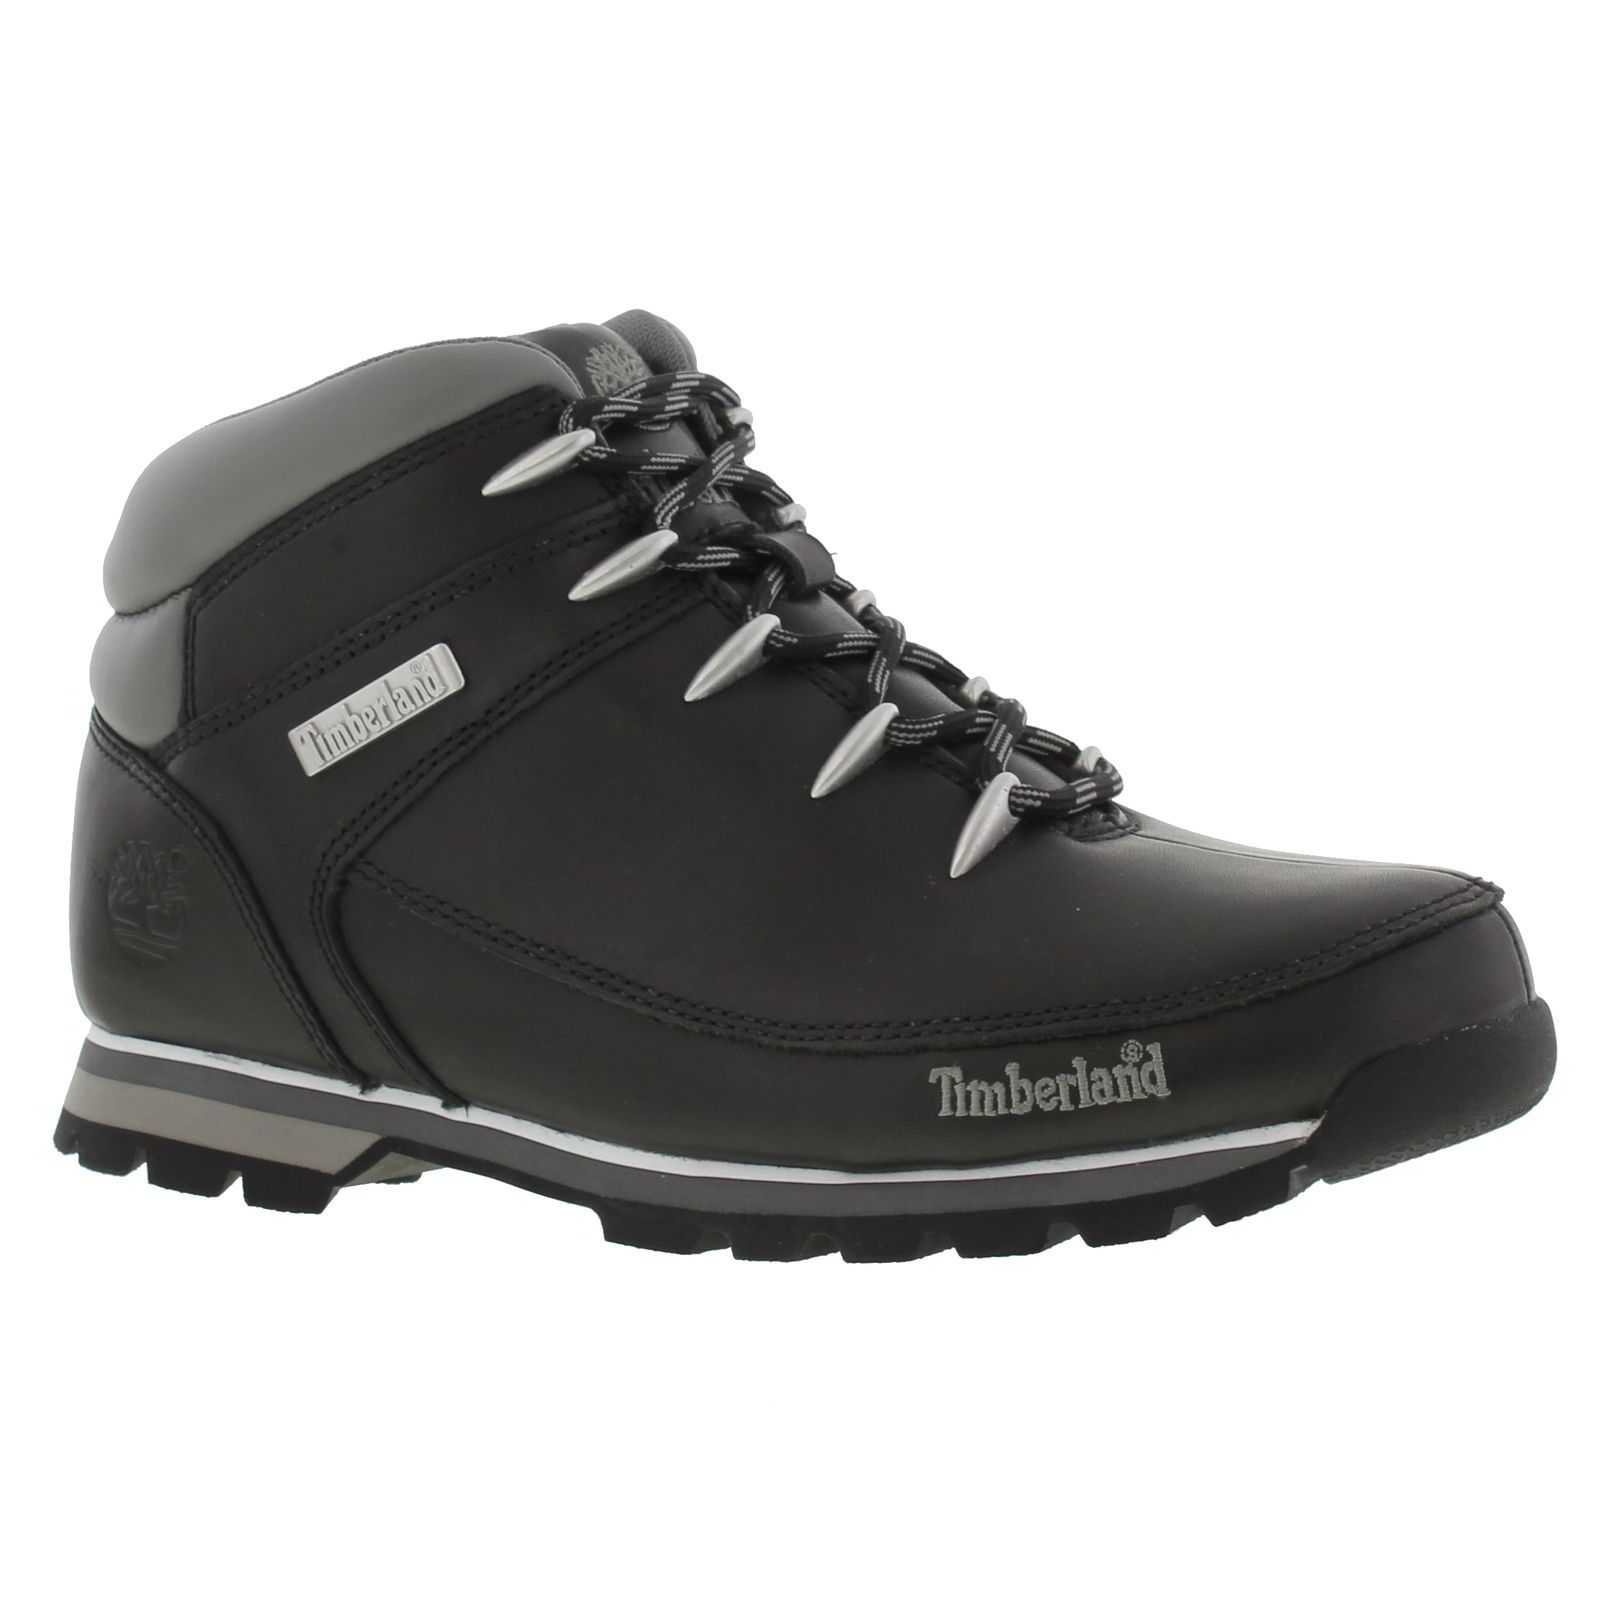 UK Online - Timberland Euro Hiker Sprint Chukka Boots Men